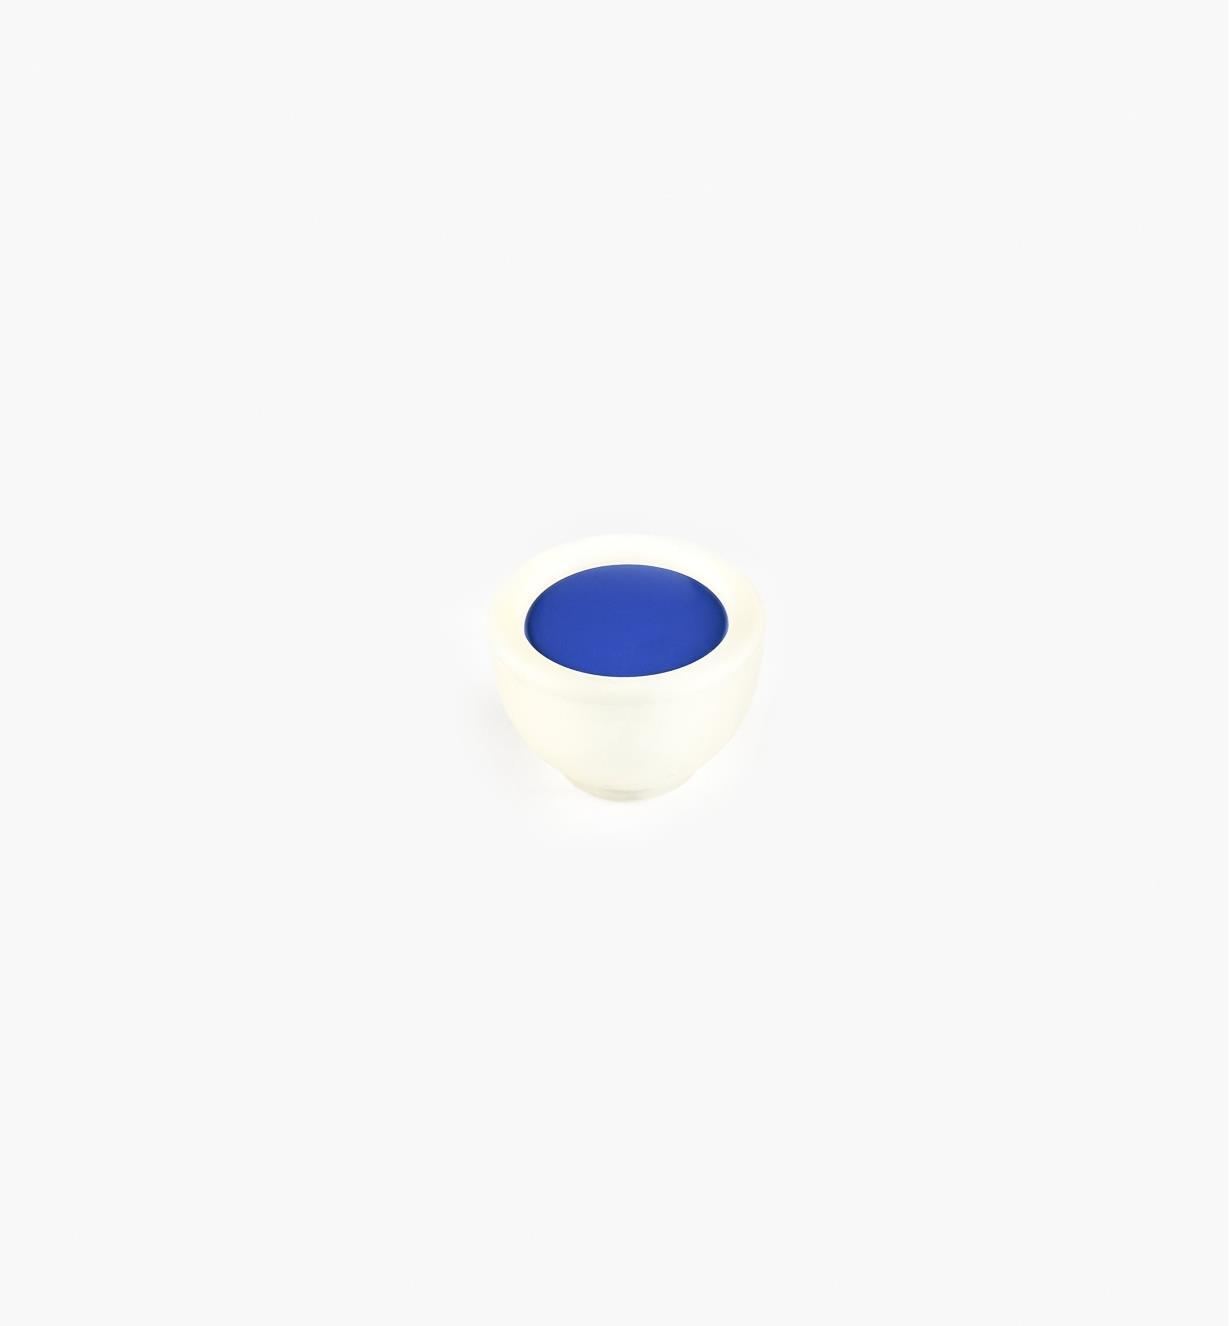 00W5410 - Bouton rond, 35mm, série Bungee, bleu